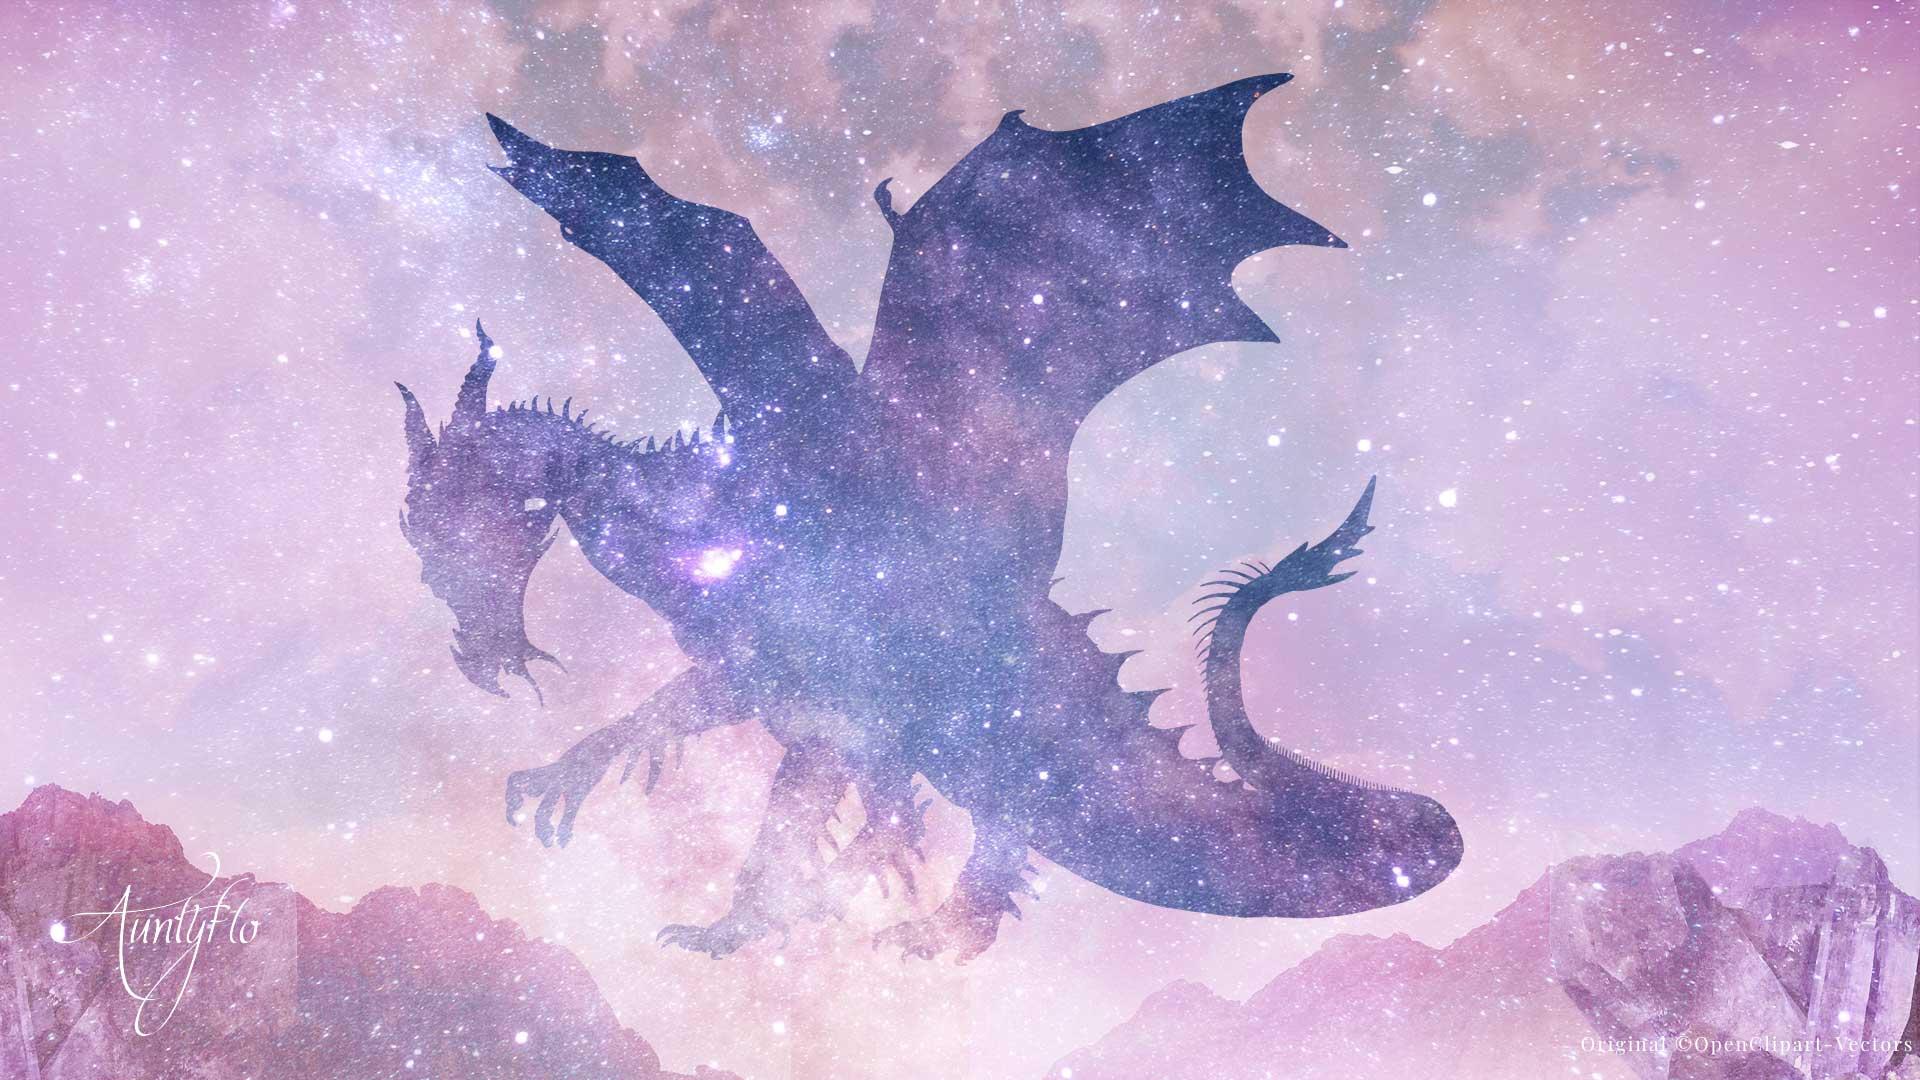 Dream of dragon